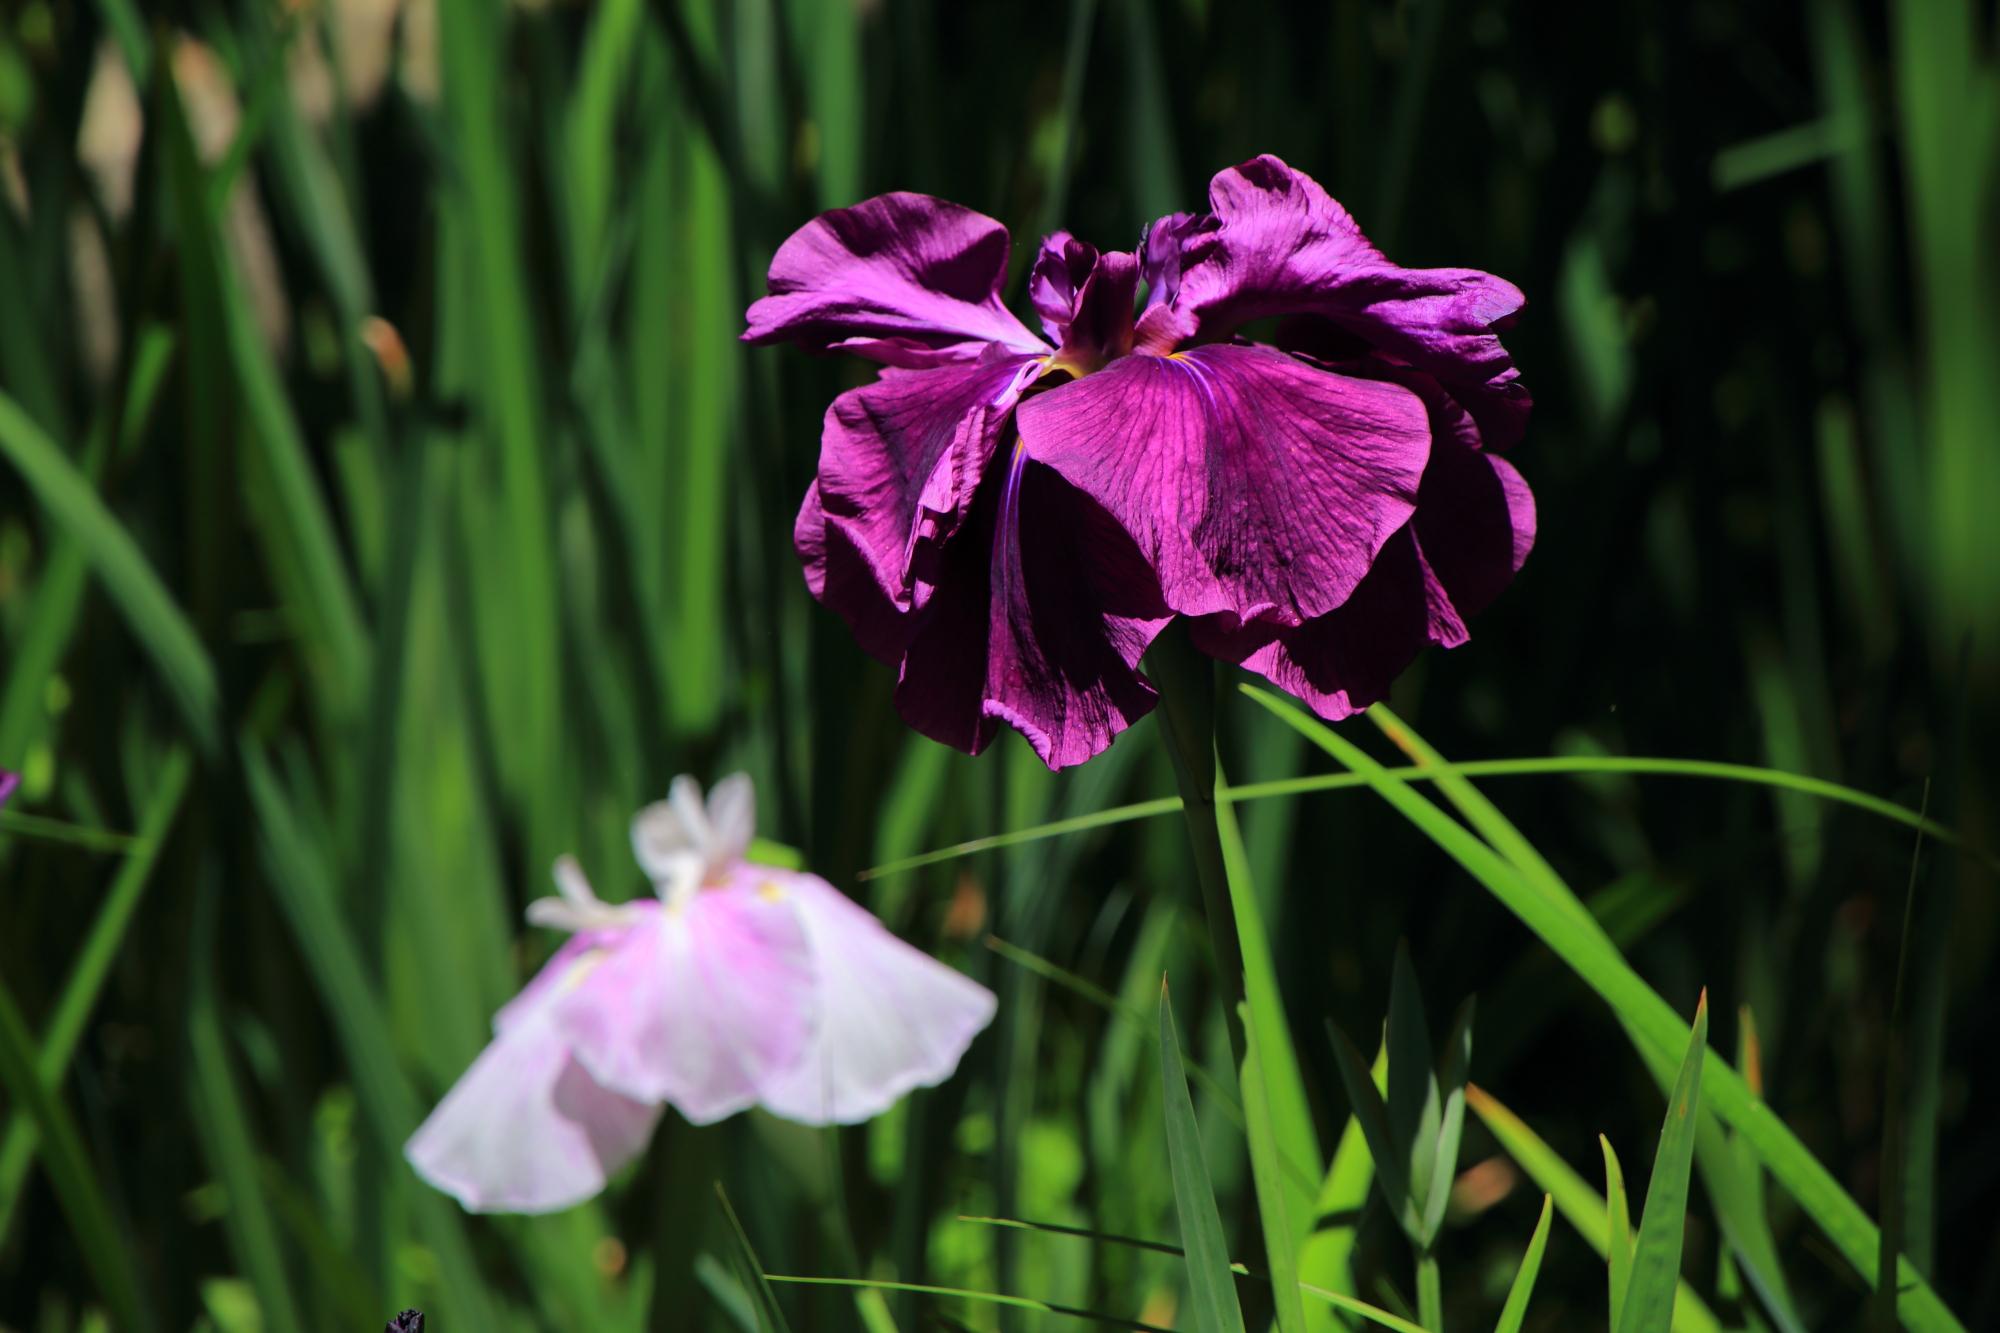 梅宮大社の鮮やかで妖艶な色合いの花菖蒲